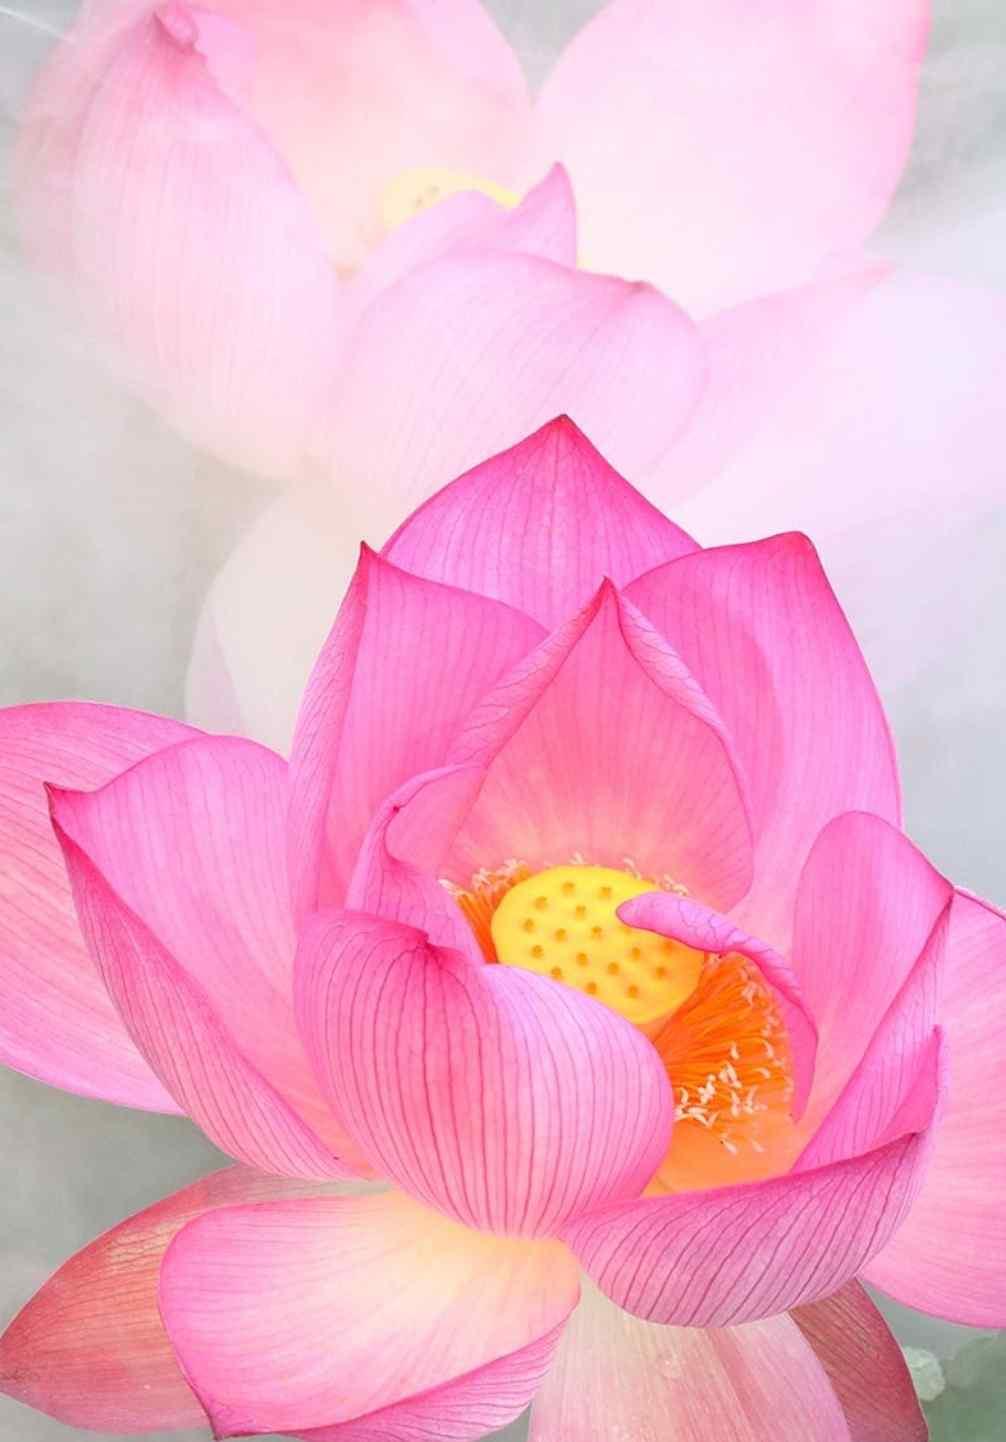 粉嫩的莲花高清手机壁纸